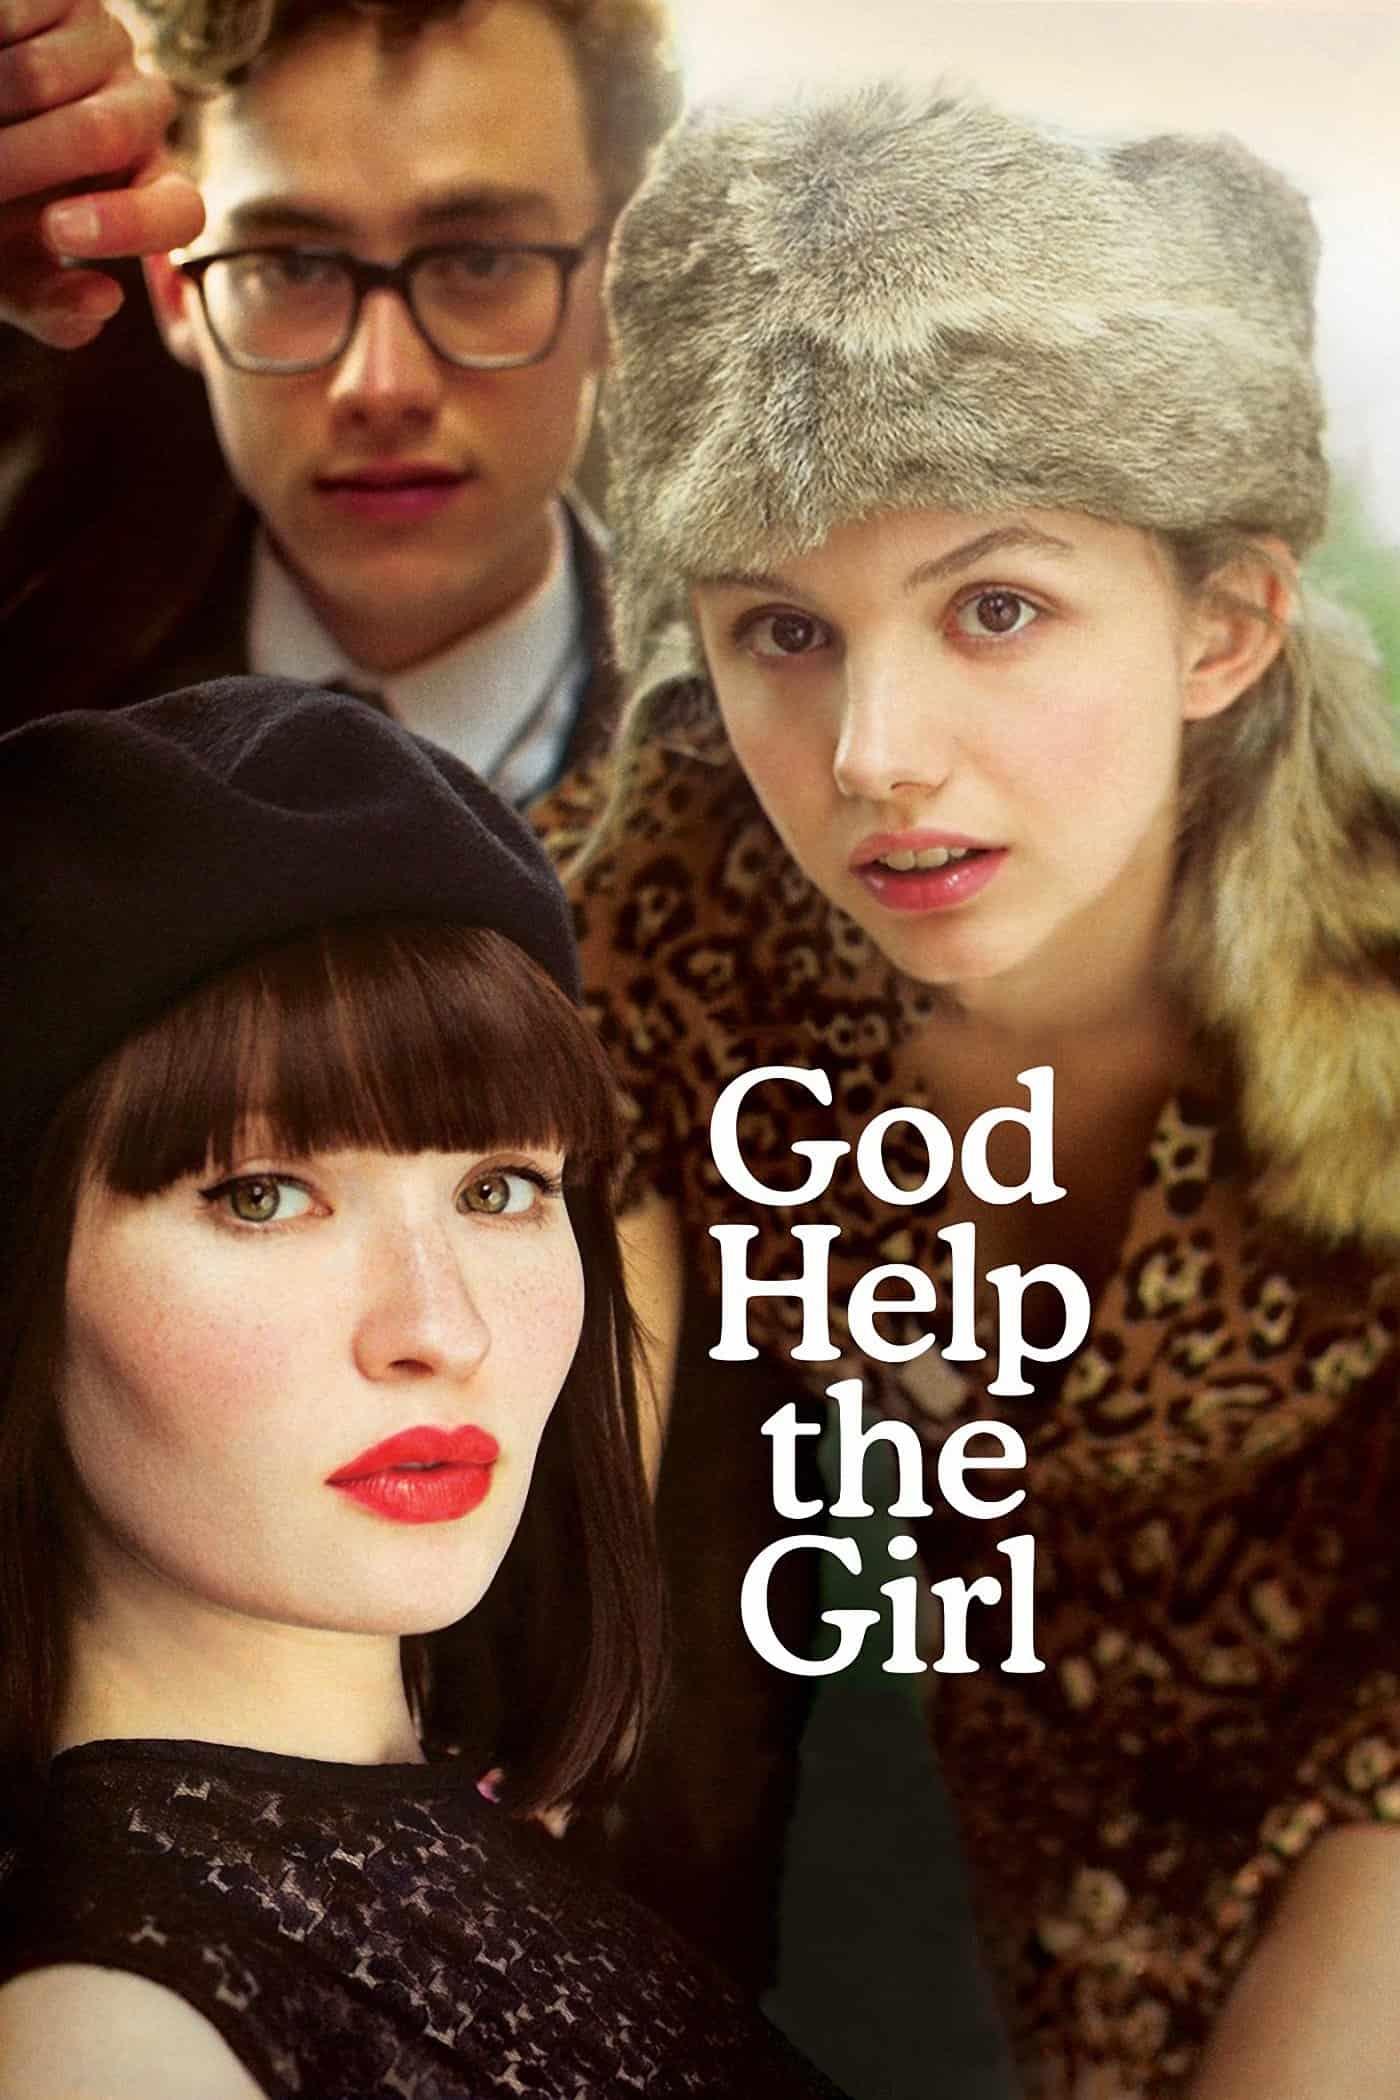 God Help the Girl, 2014